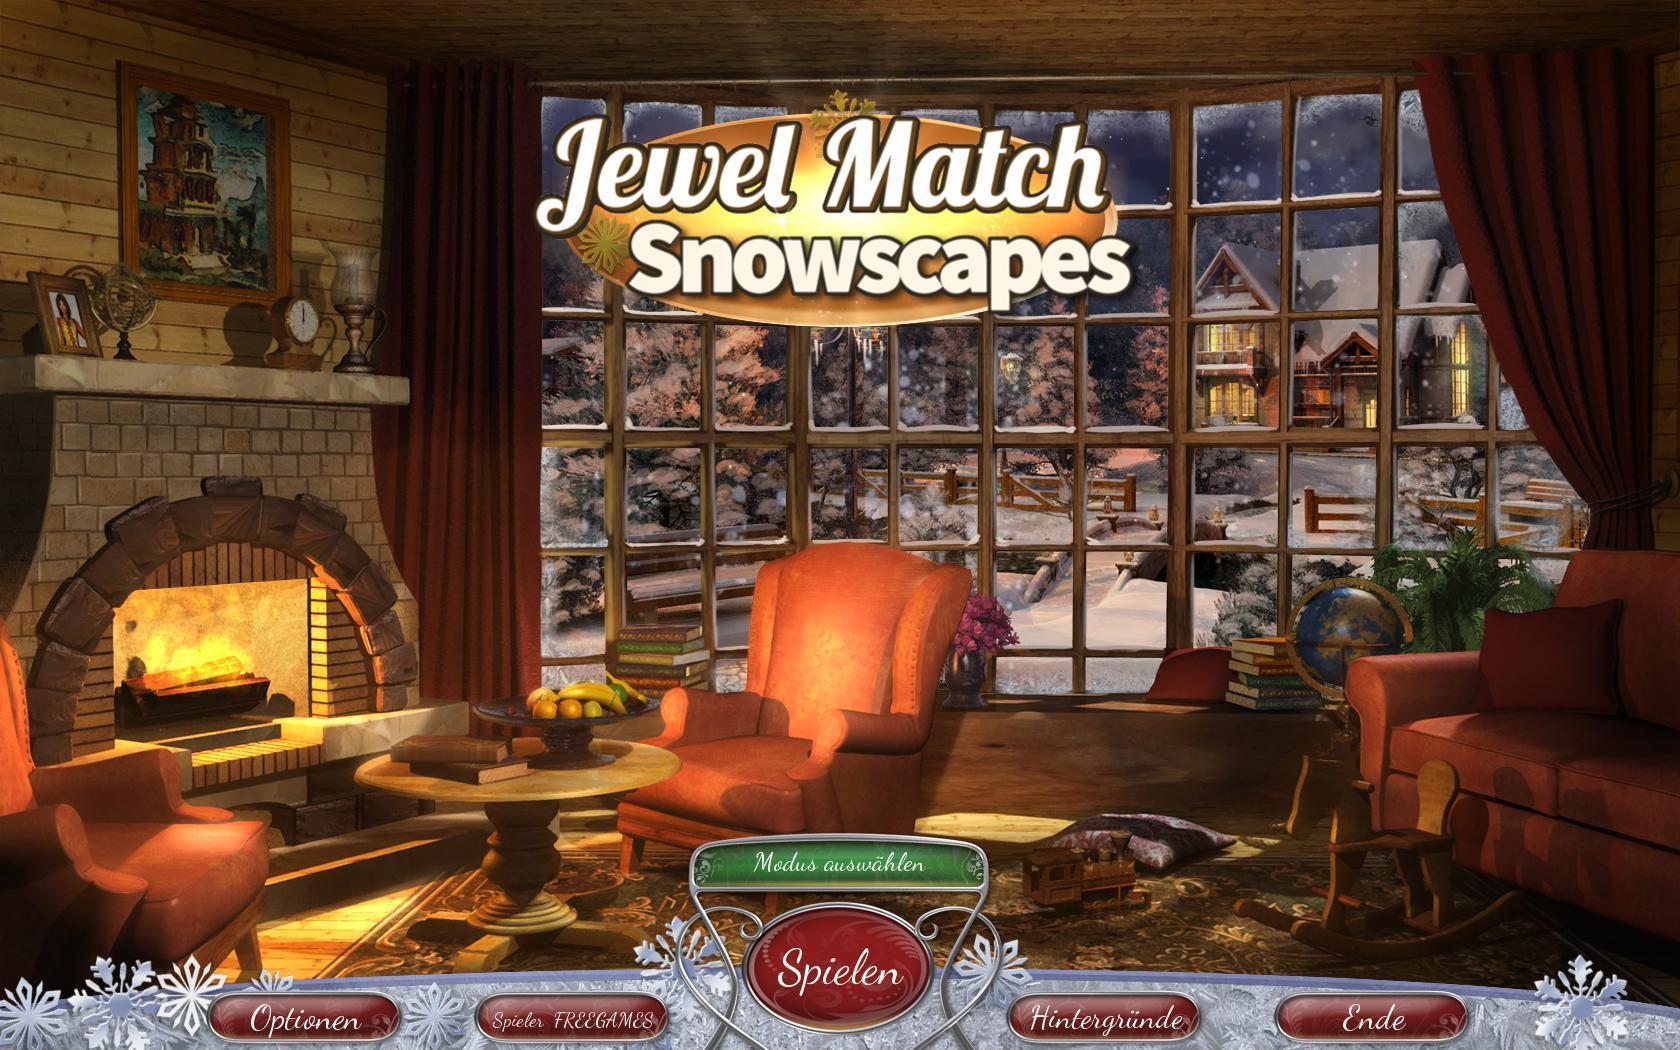 Джевел матч: Снежные пейзажи | Jewel Match: Snowscapes (DE)